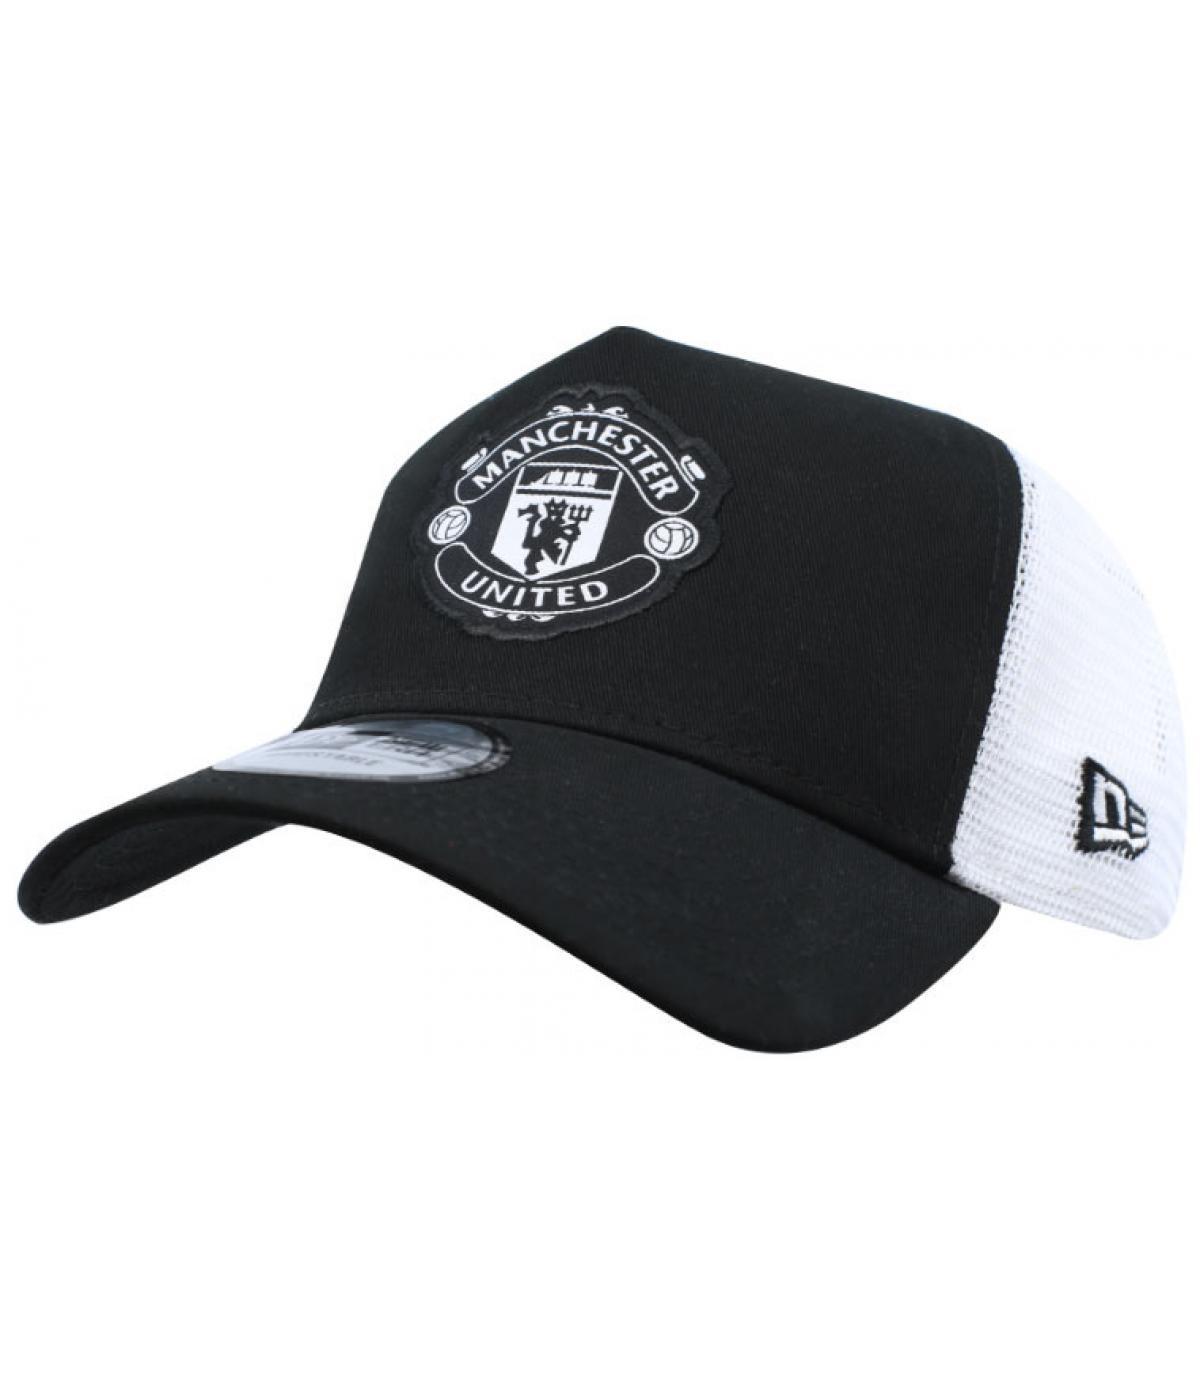 Details Trucker Manchester United black - afbeeling 2